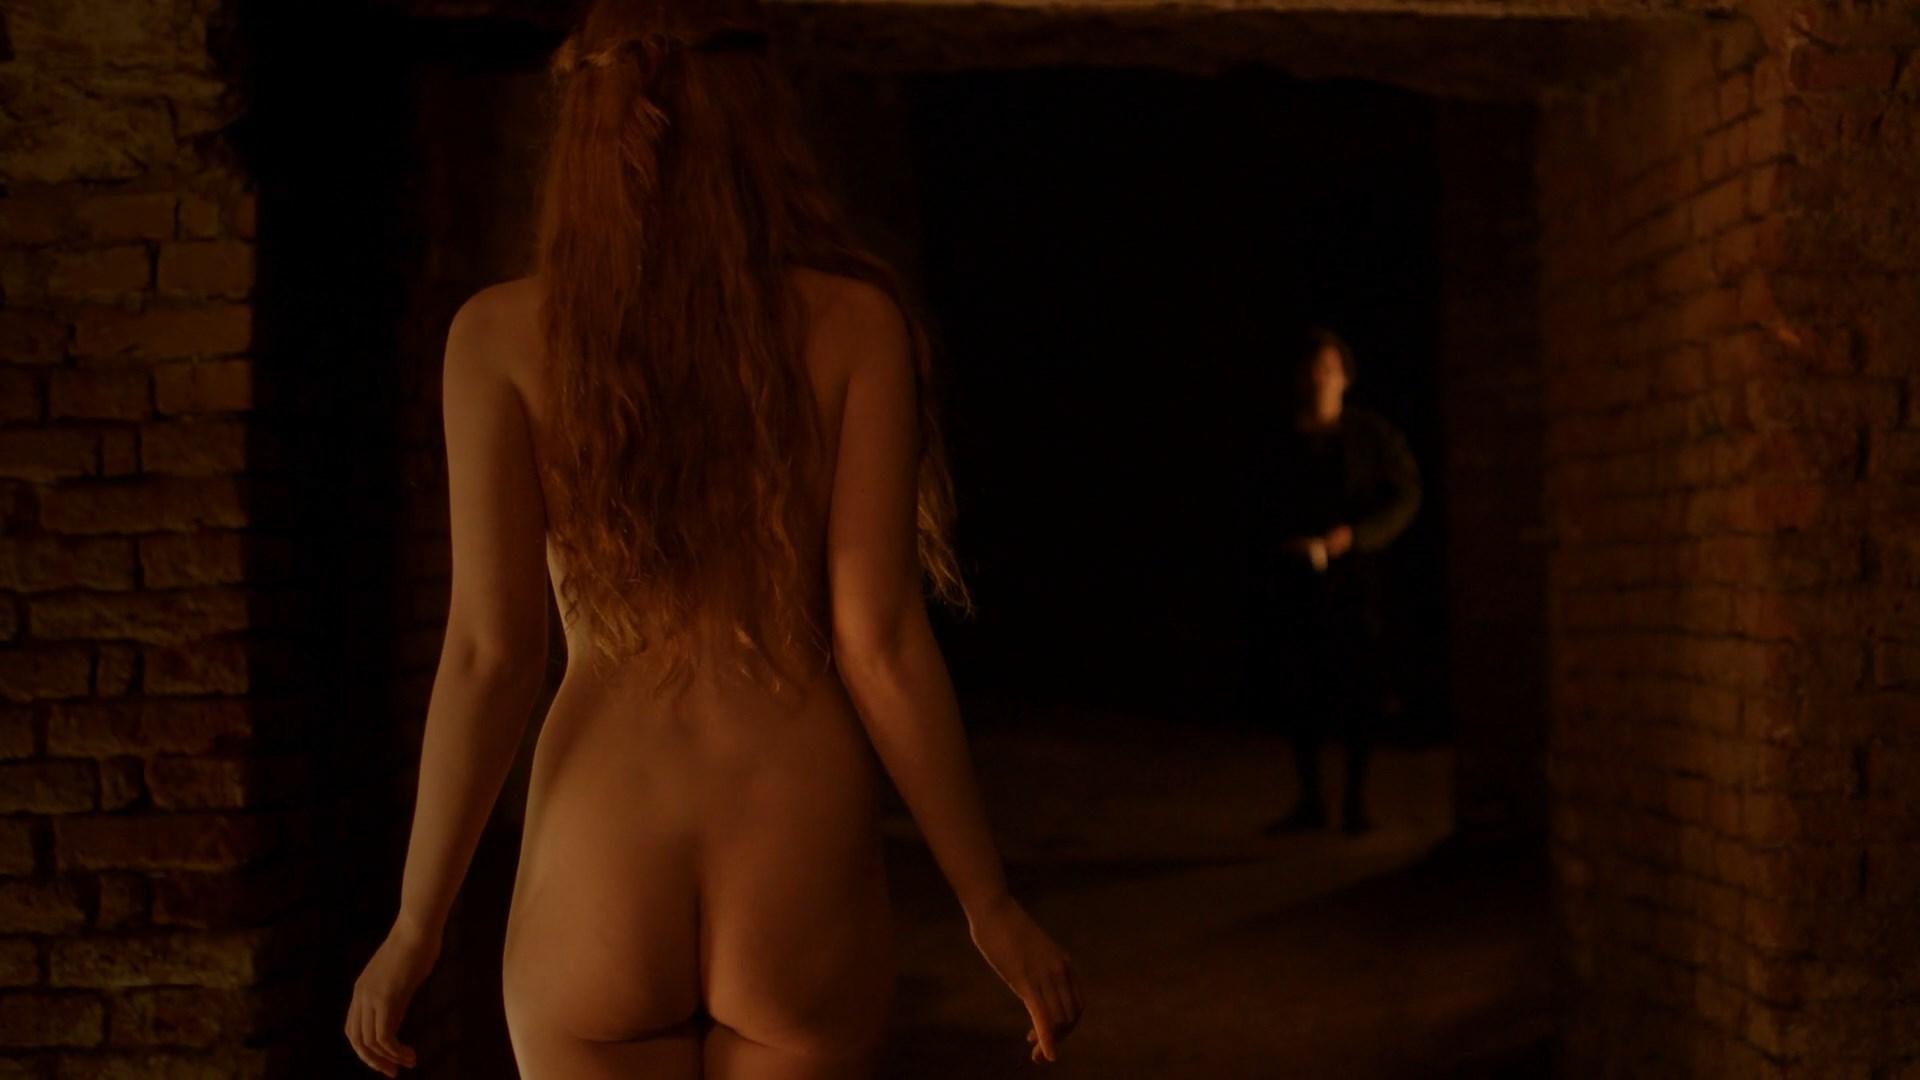 Borgia nude